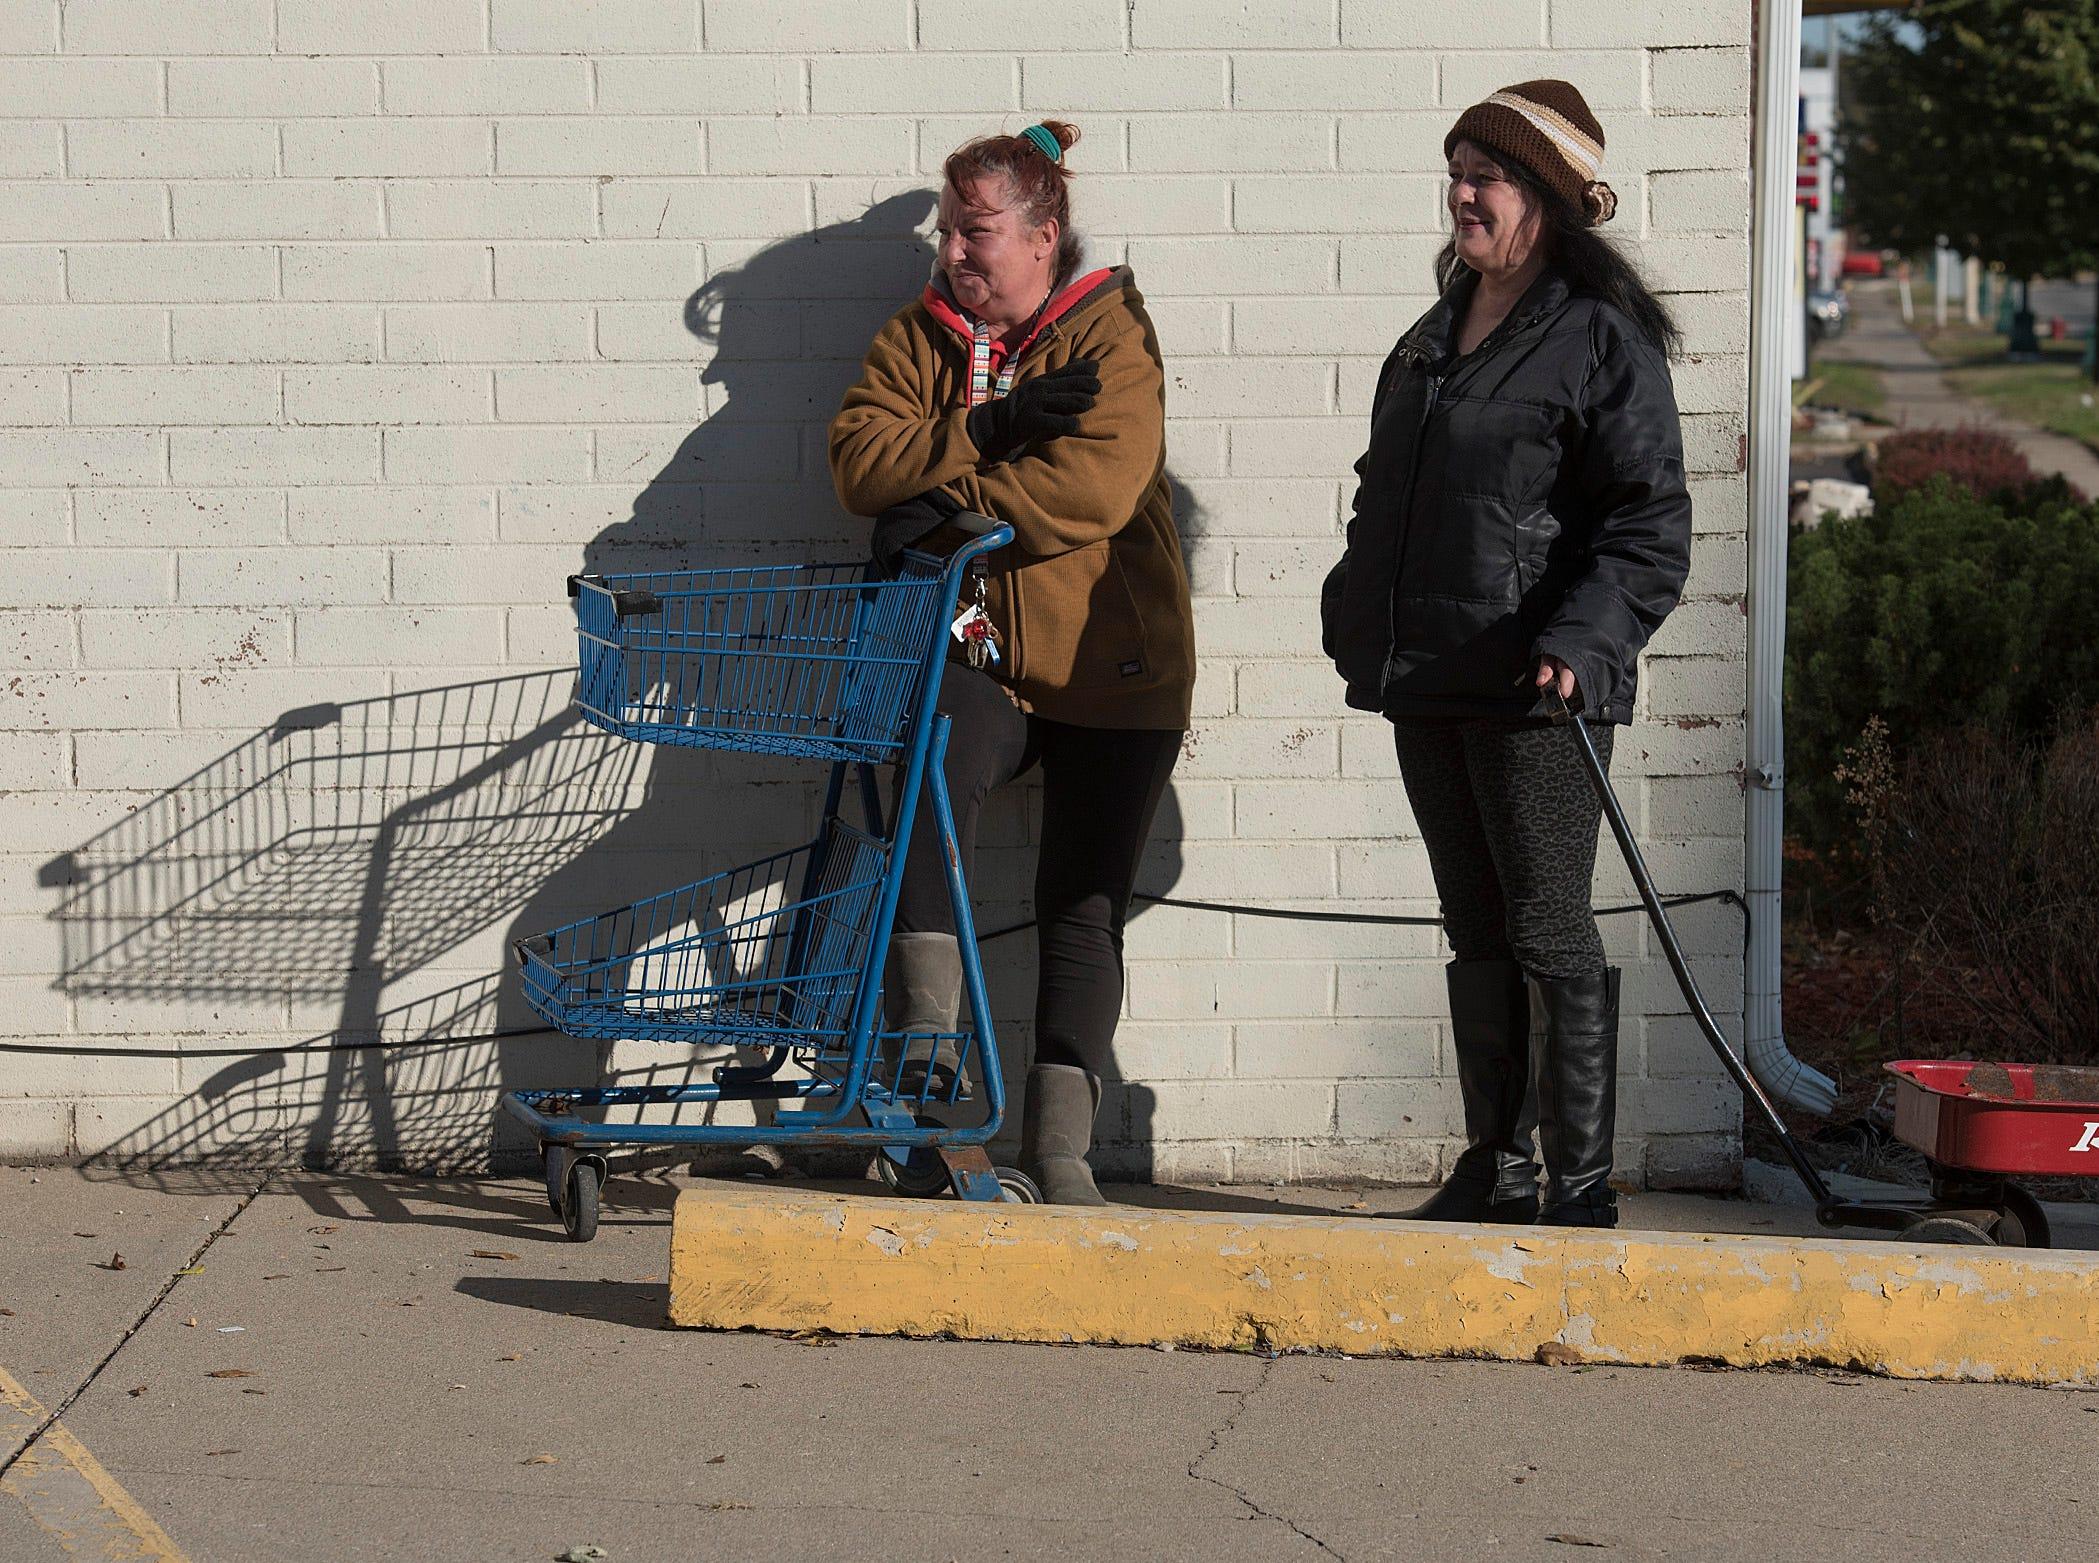 Charlene Misener and Sheri Duke wait for the food distribution to begin.